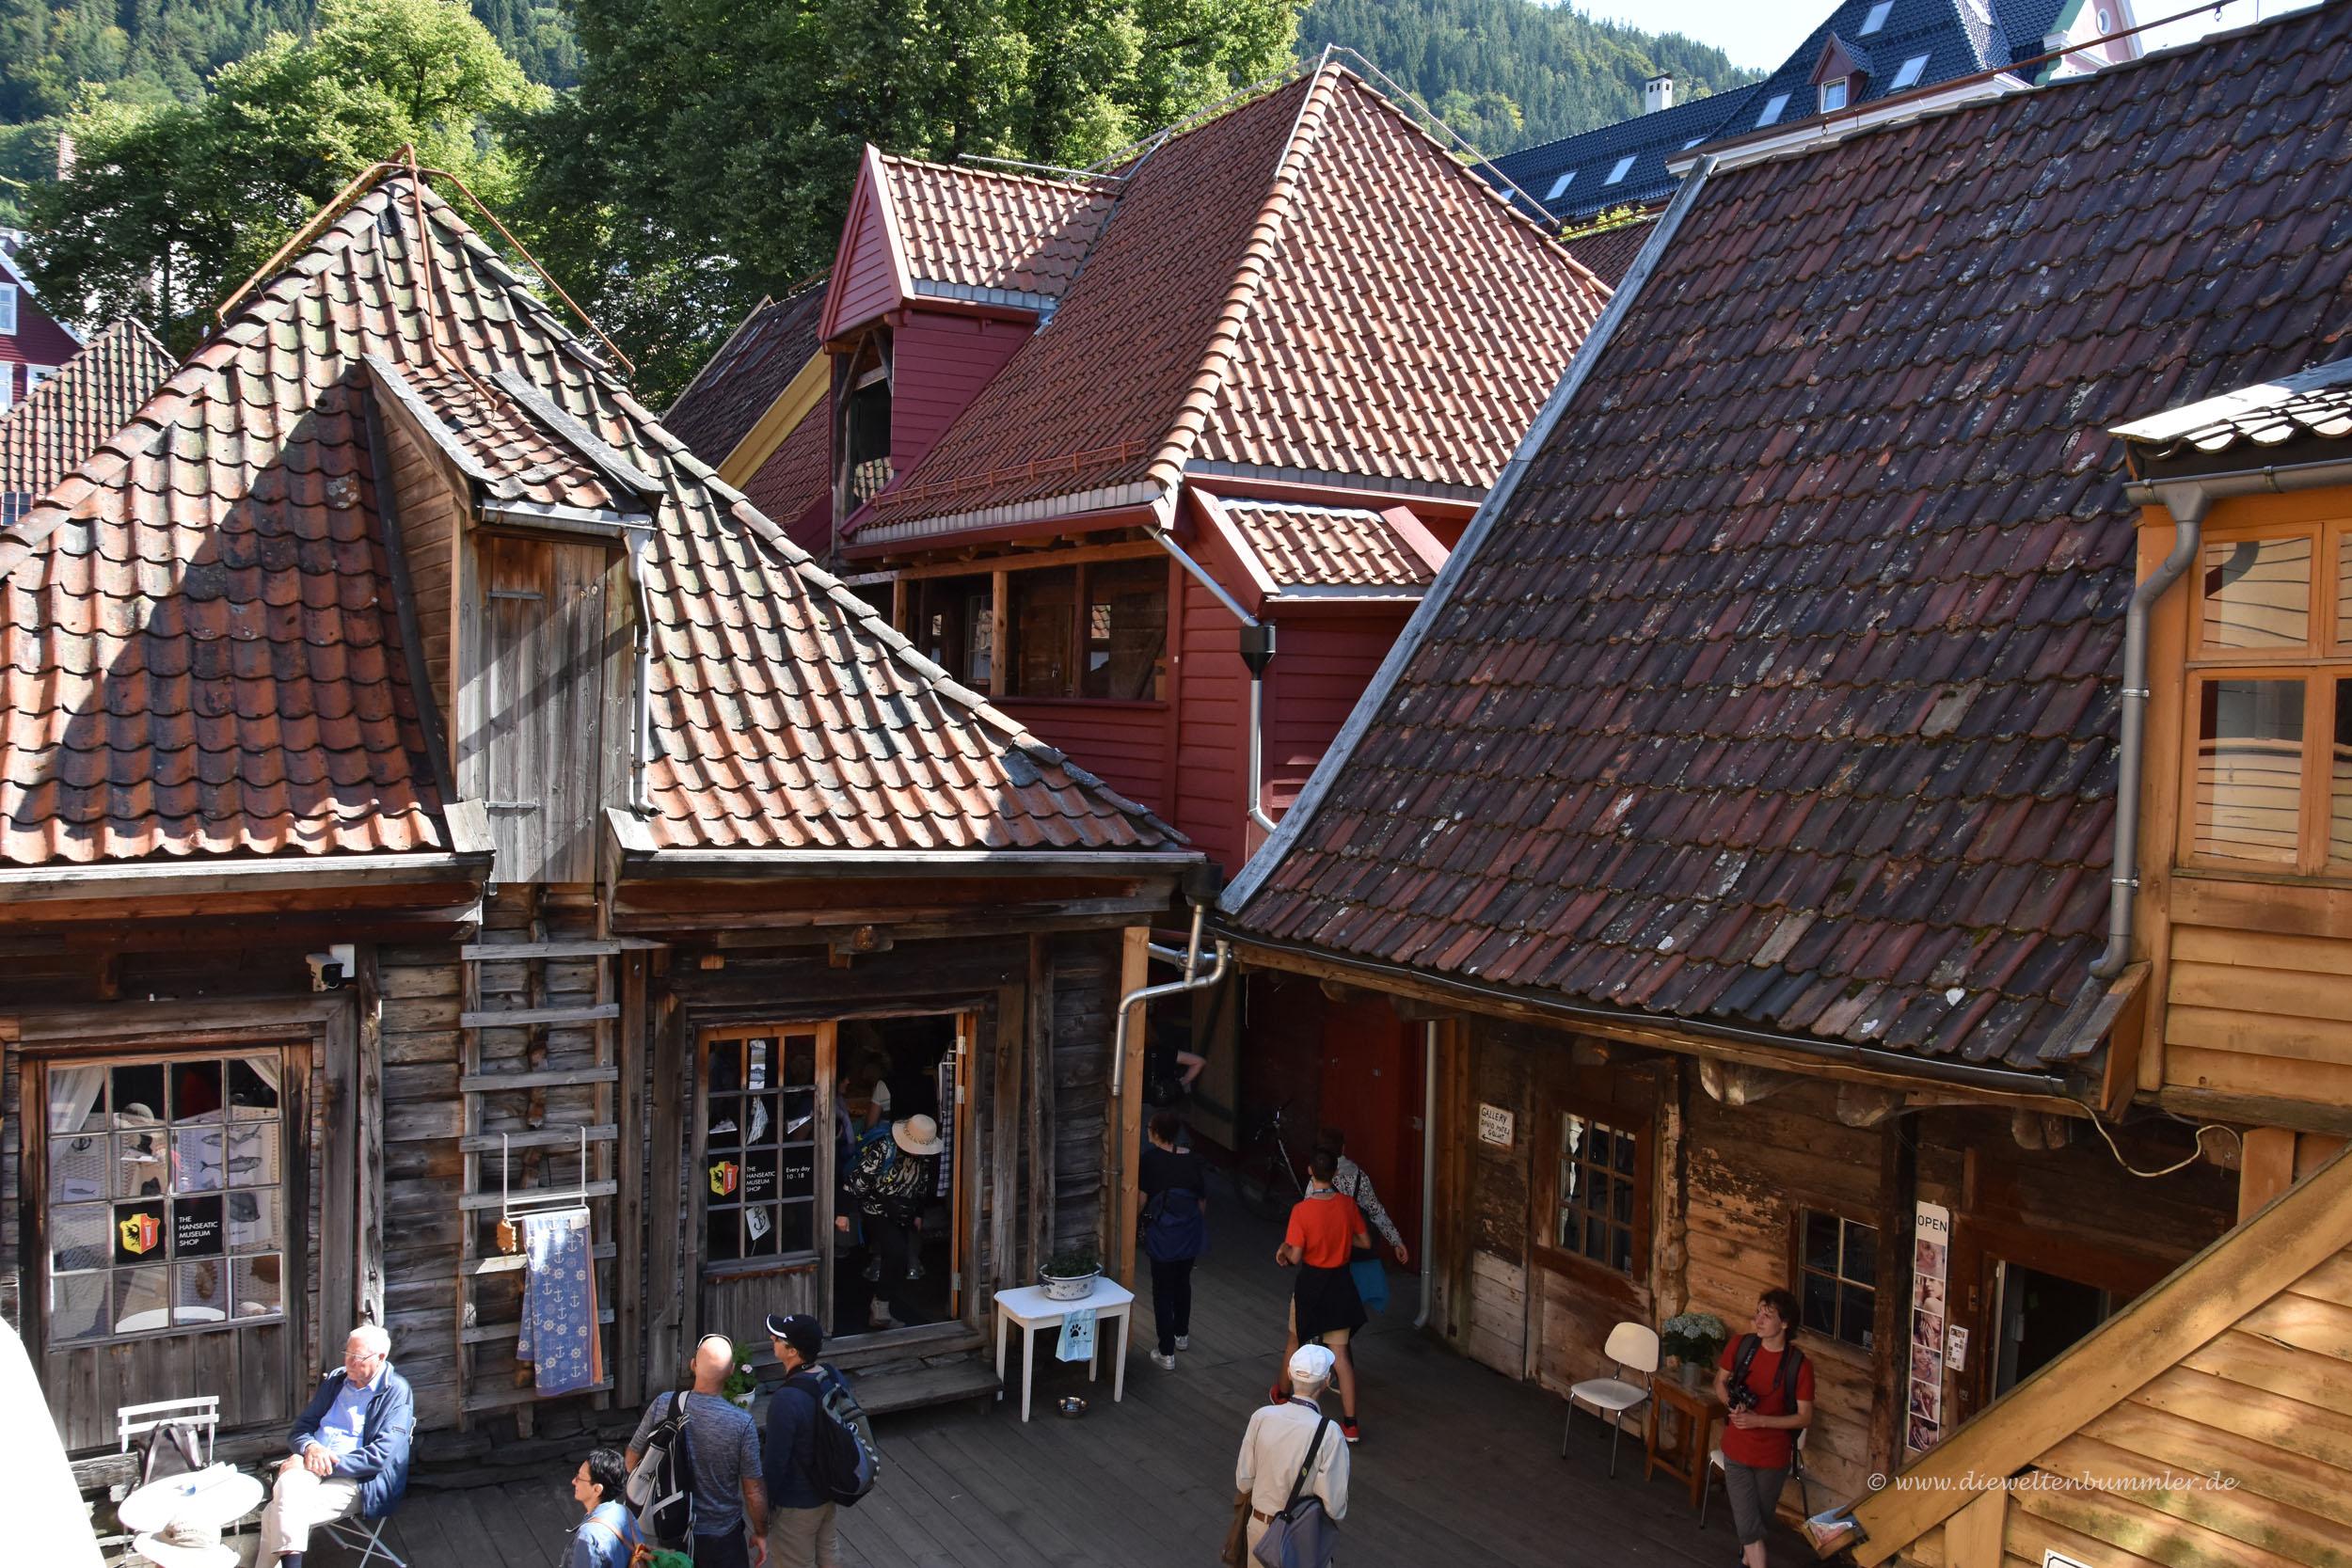 Holzarchitektur in Bryggen